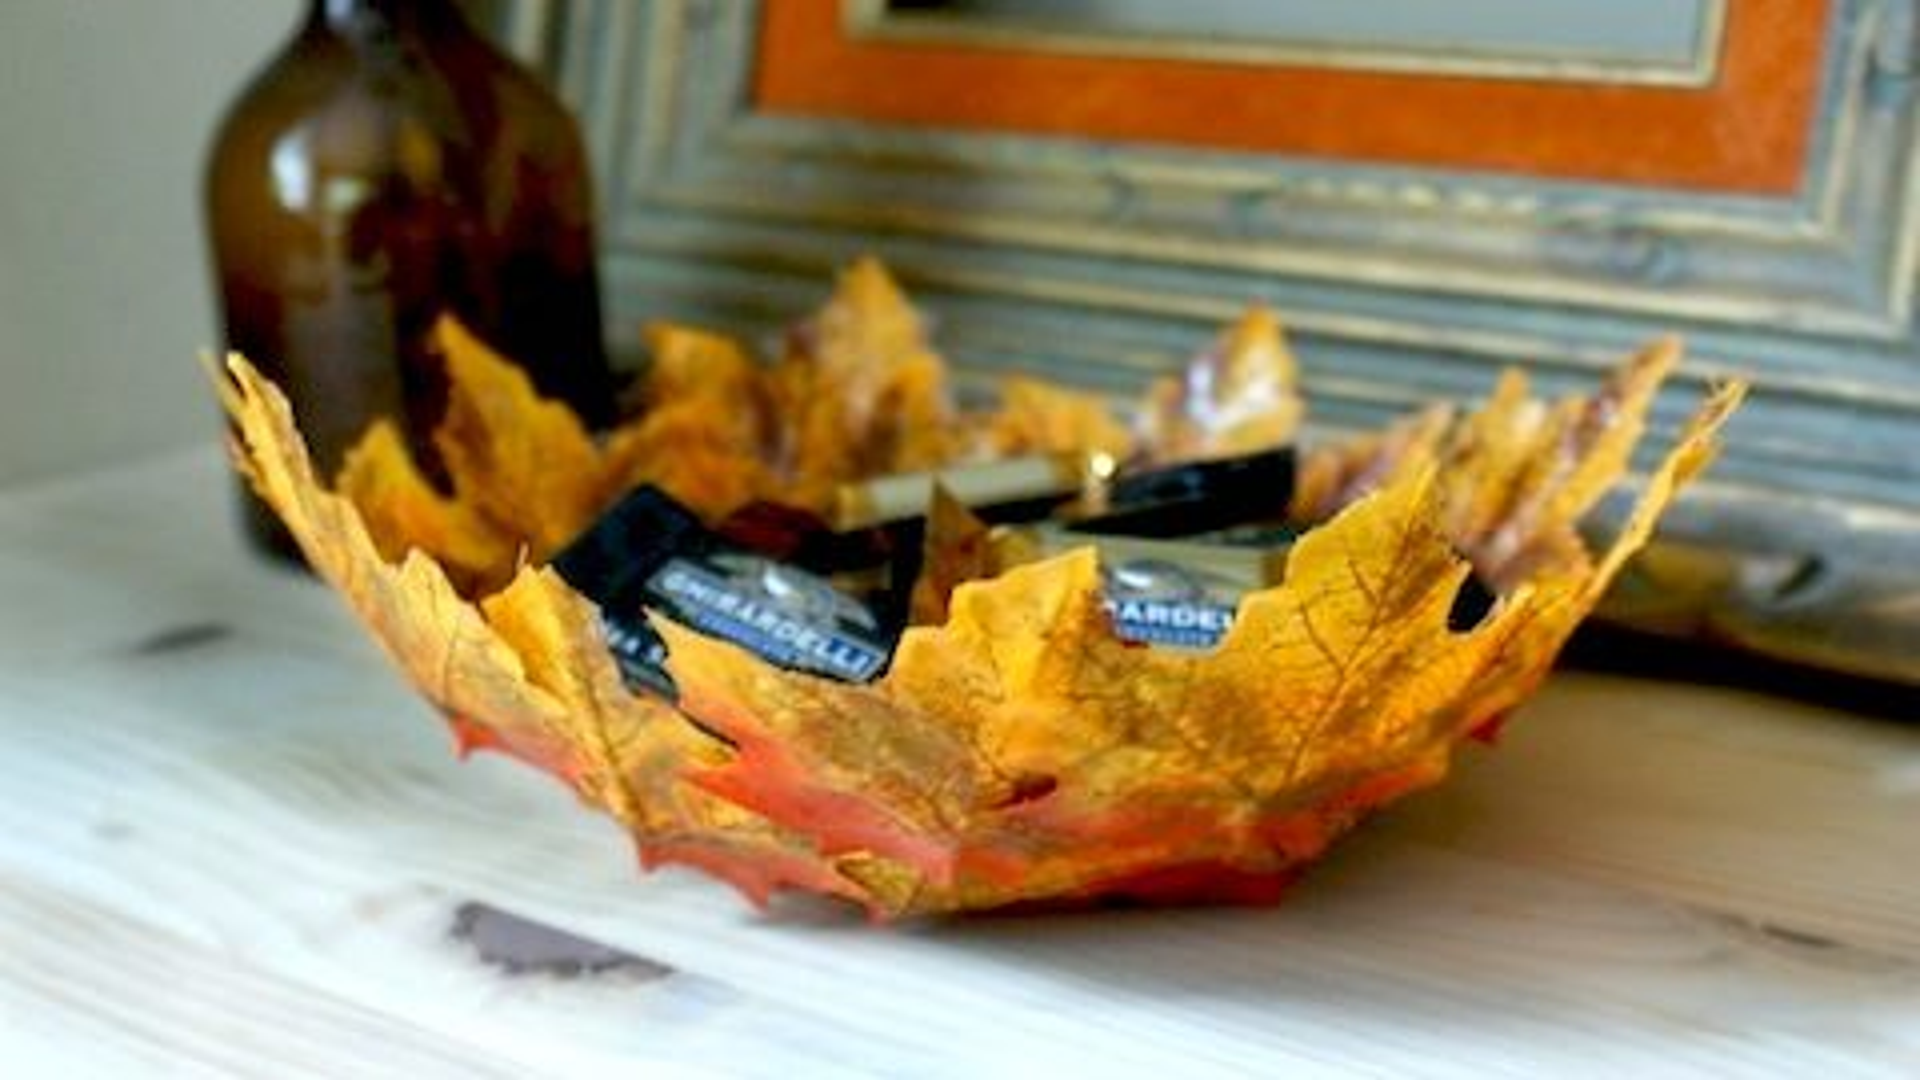 ساخت ظرف تزیینی با استفاده از برگ های پاییزی | فیلم